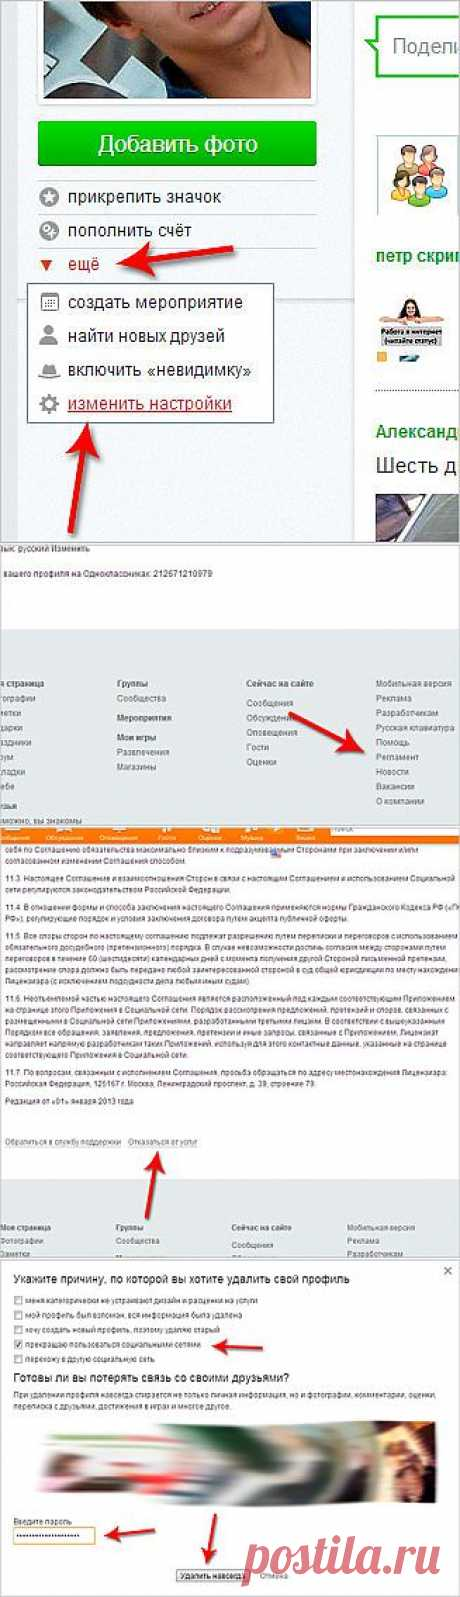 (+1) тема - Как удалиться из Одноклассников навсегда?   Компьютерная помощь